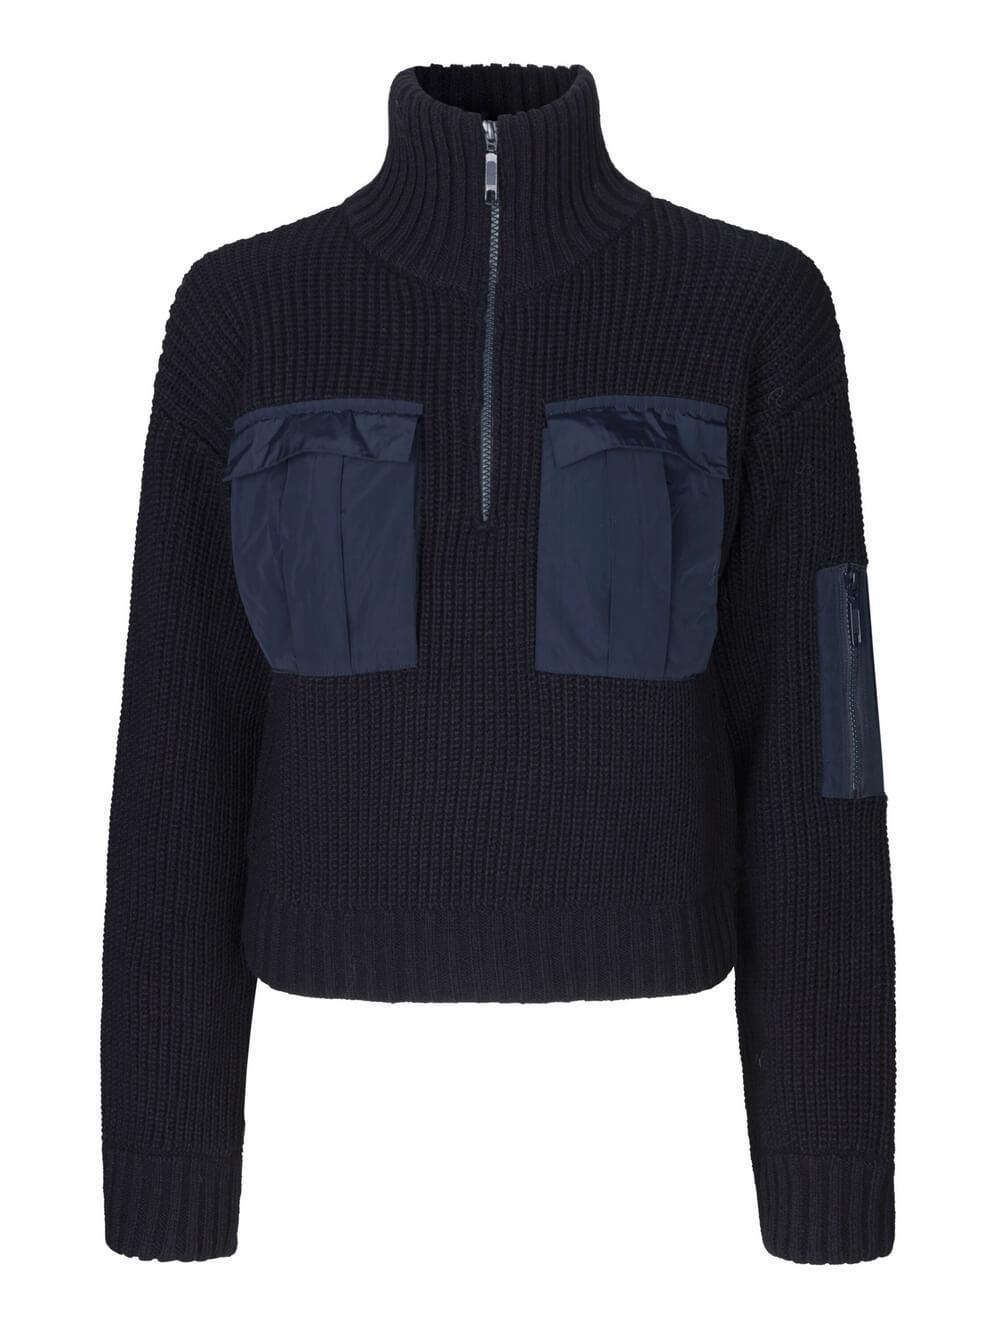 Clyde Zip Up Sweater Item # 21150